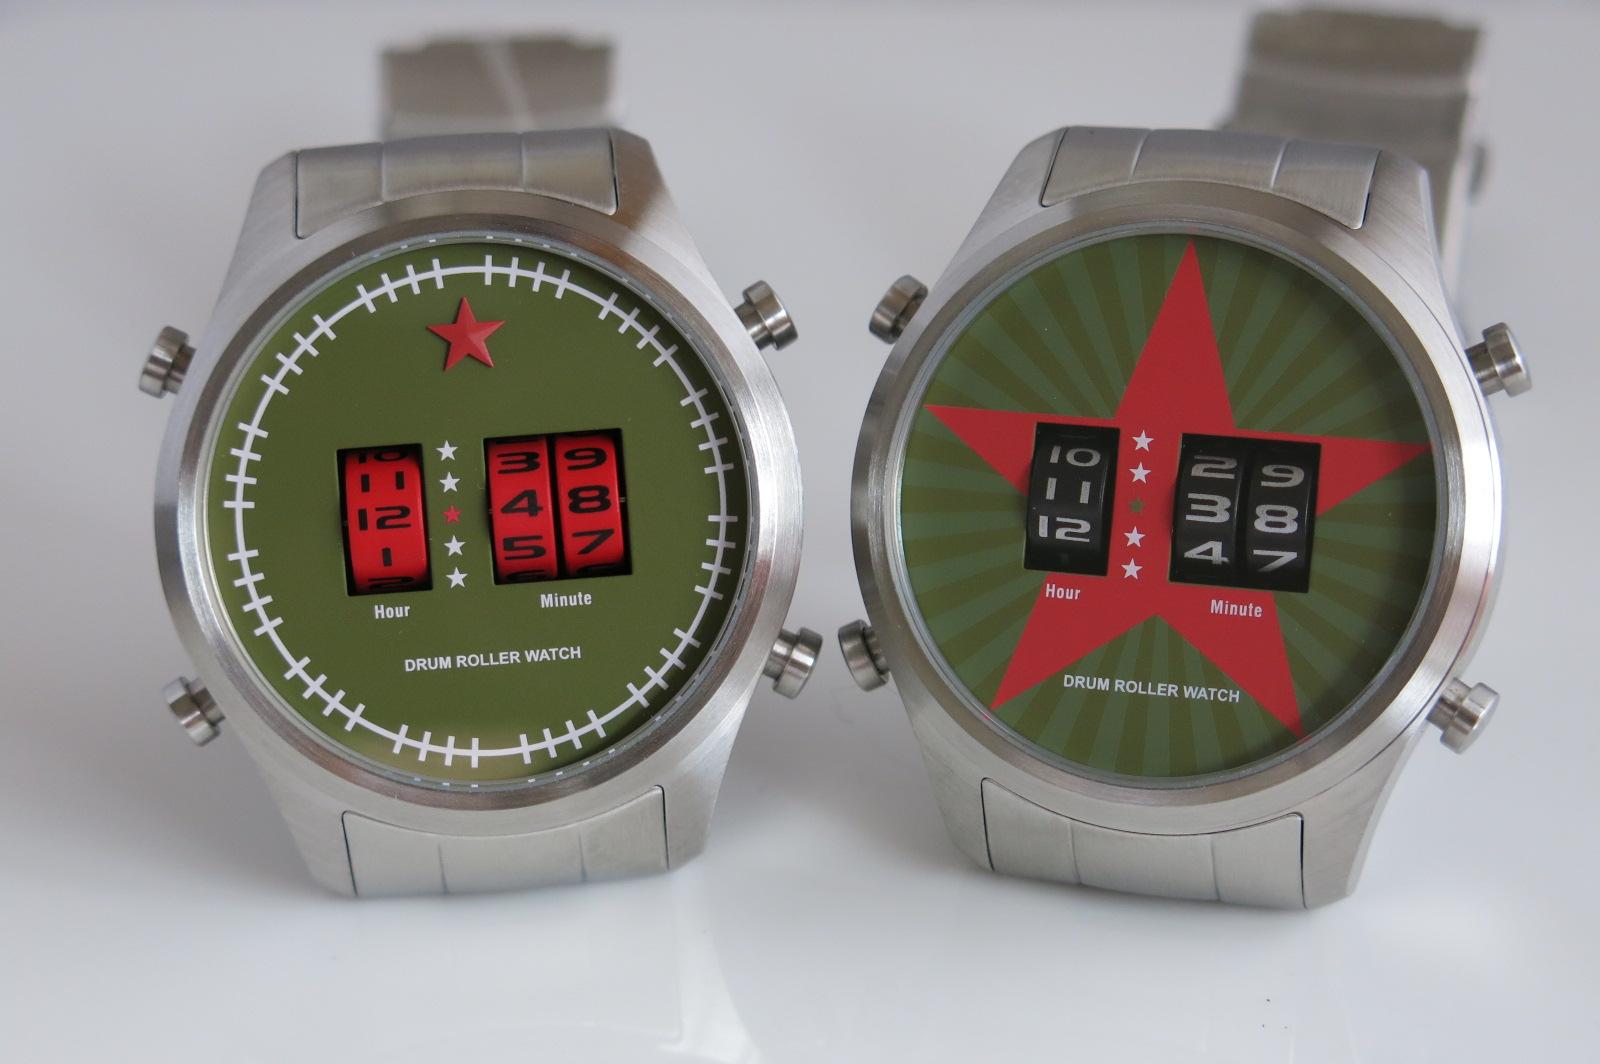 Fashionable Red Star drum roller quartz watch (Green)